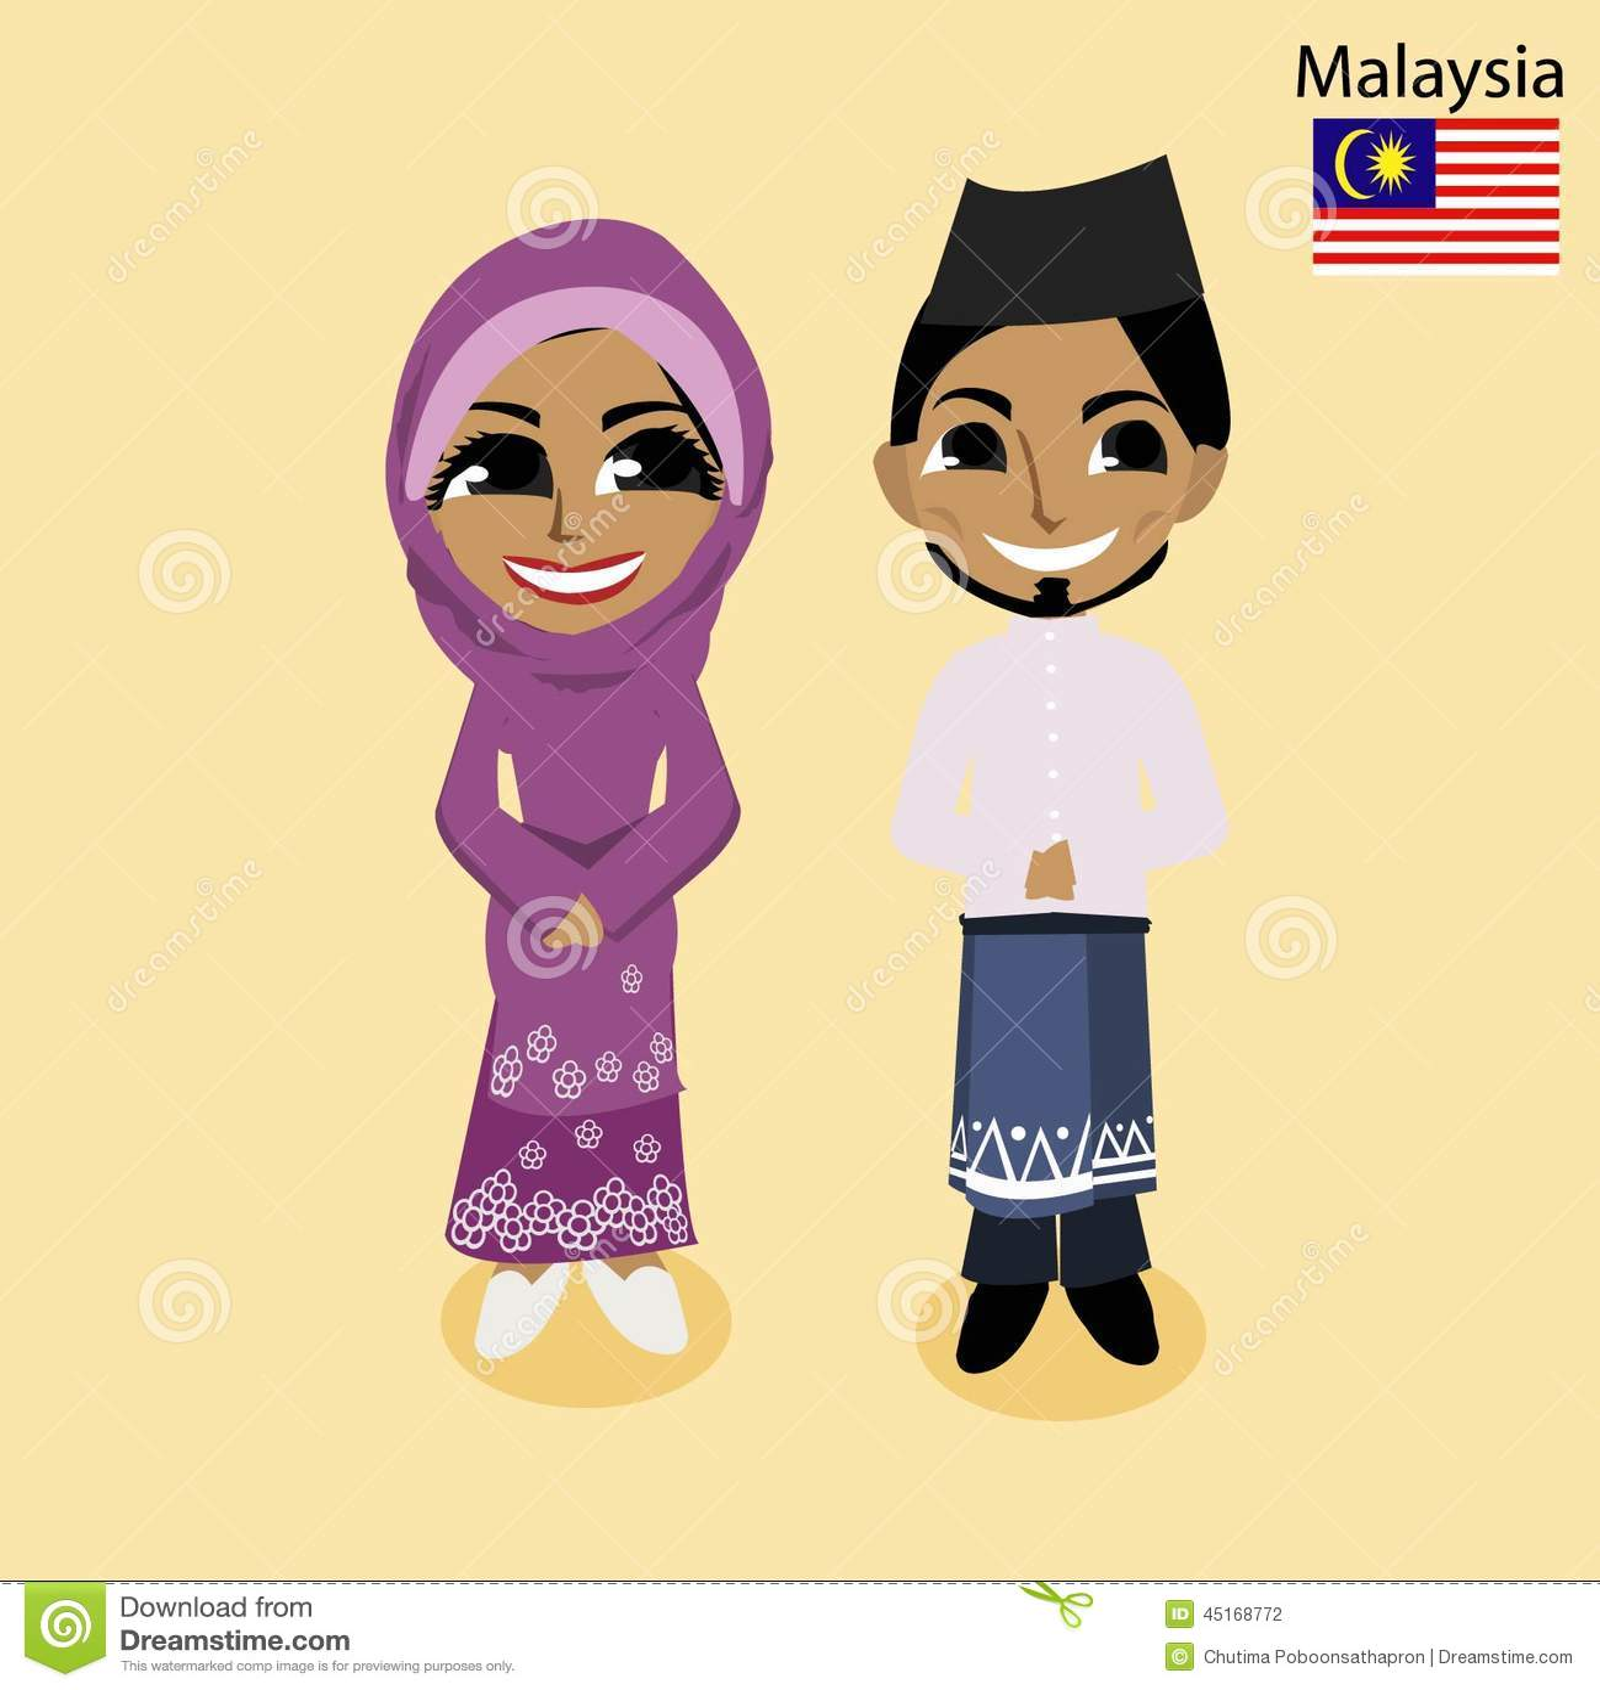 Malaysian People Clipart Cartoon ASEAN Malaysia Stock